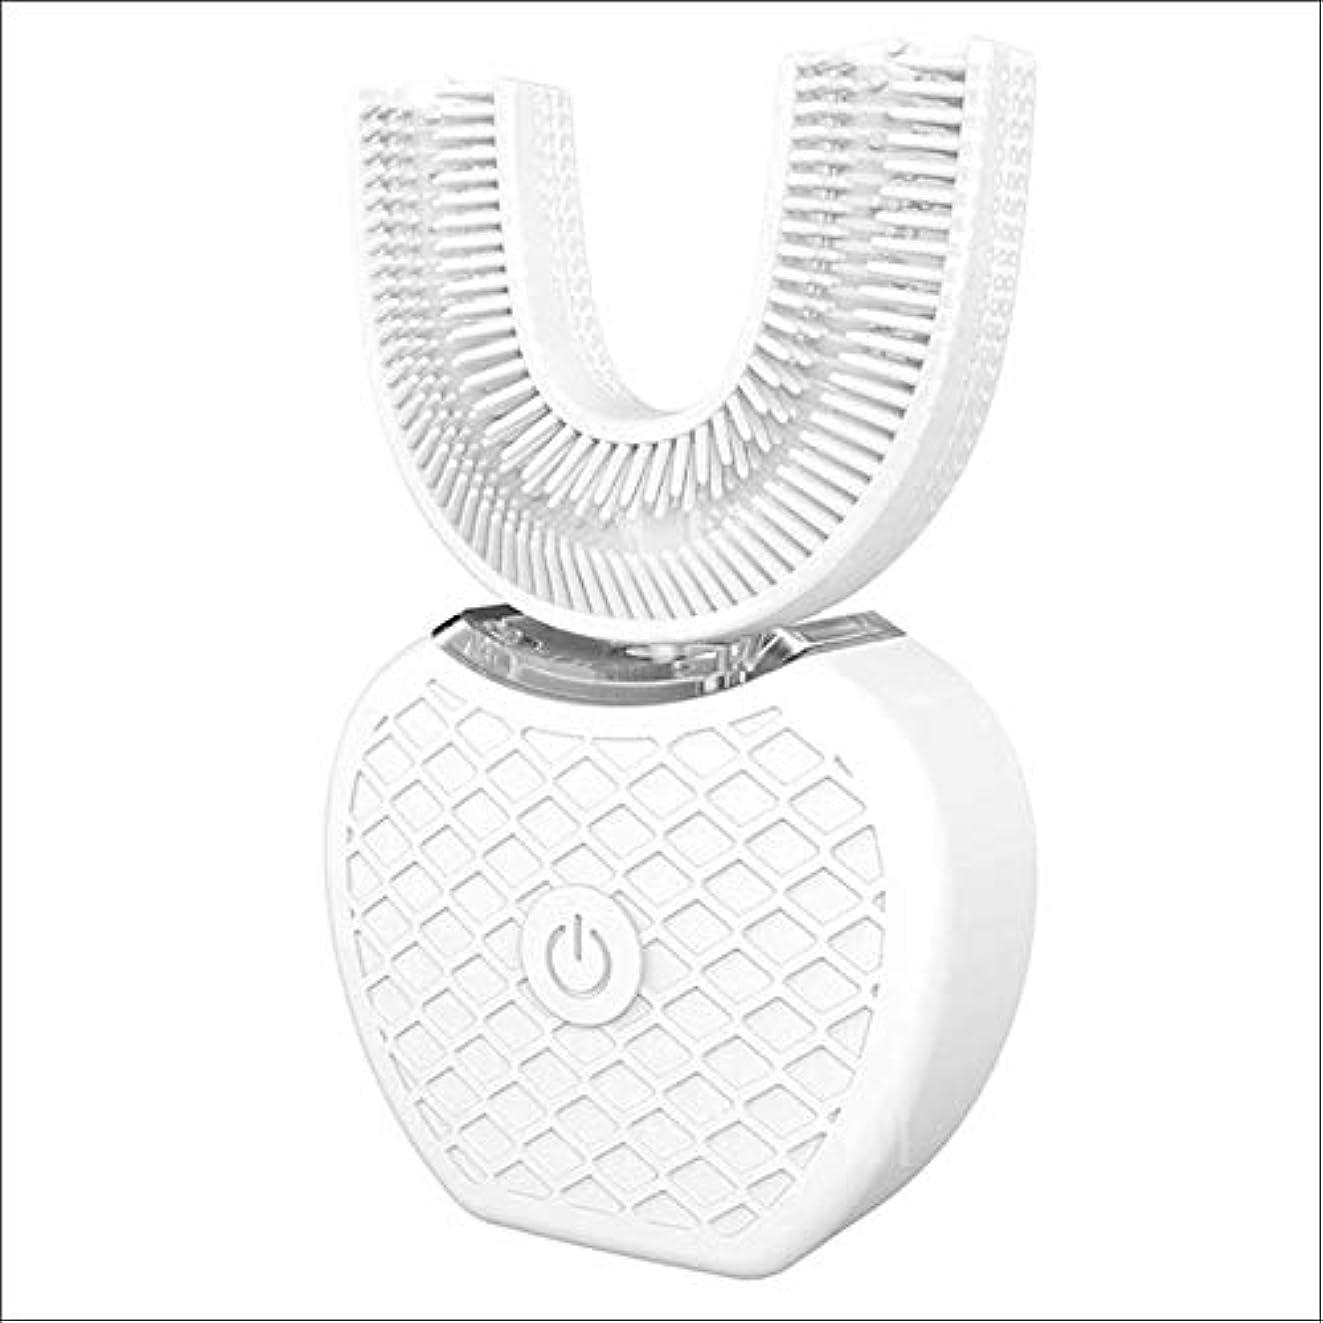 従者について混乱[(Gearbest) Gearbest] [Auto 360-degree U-shape Electric Toothbrush Sonic Mouth Cleaner] (並行輸入品)